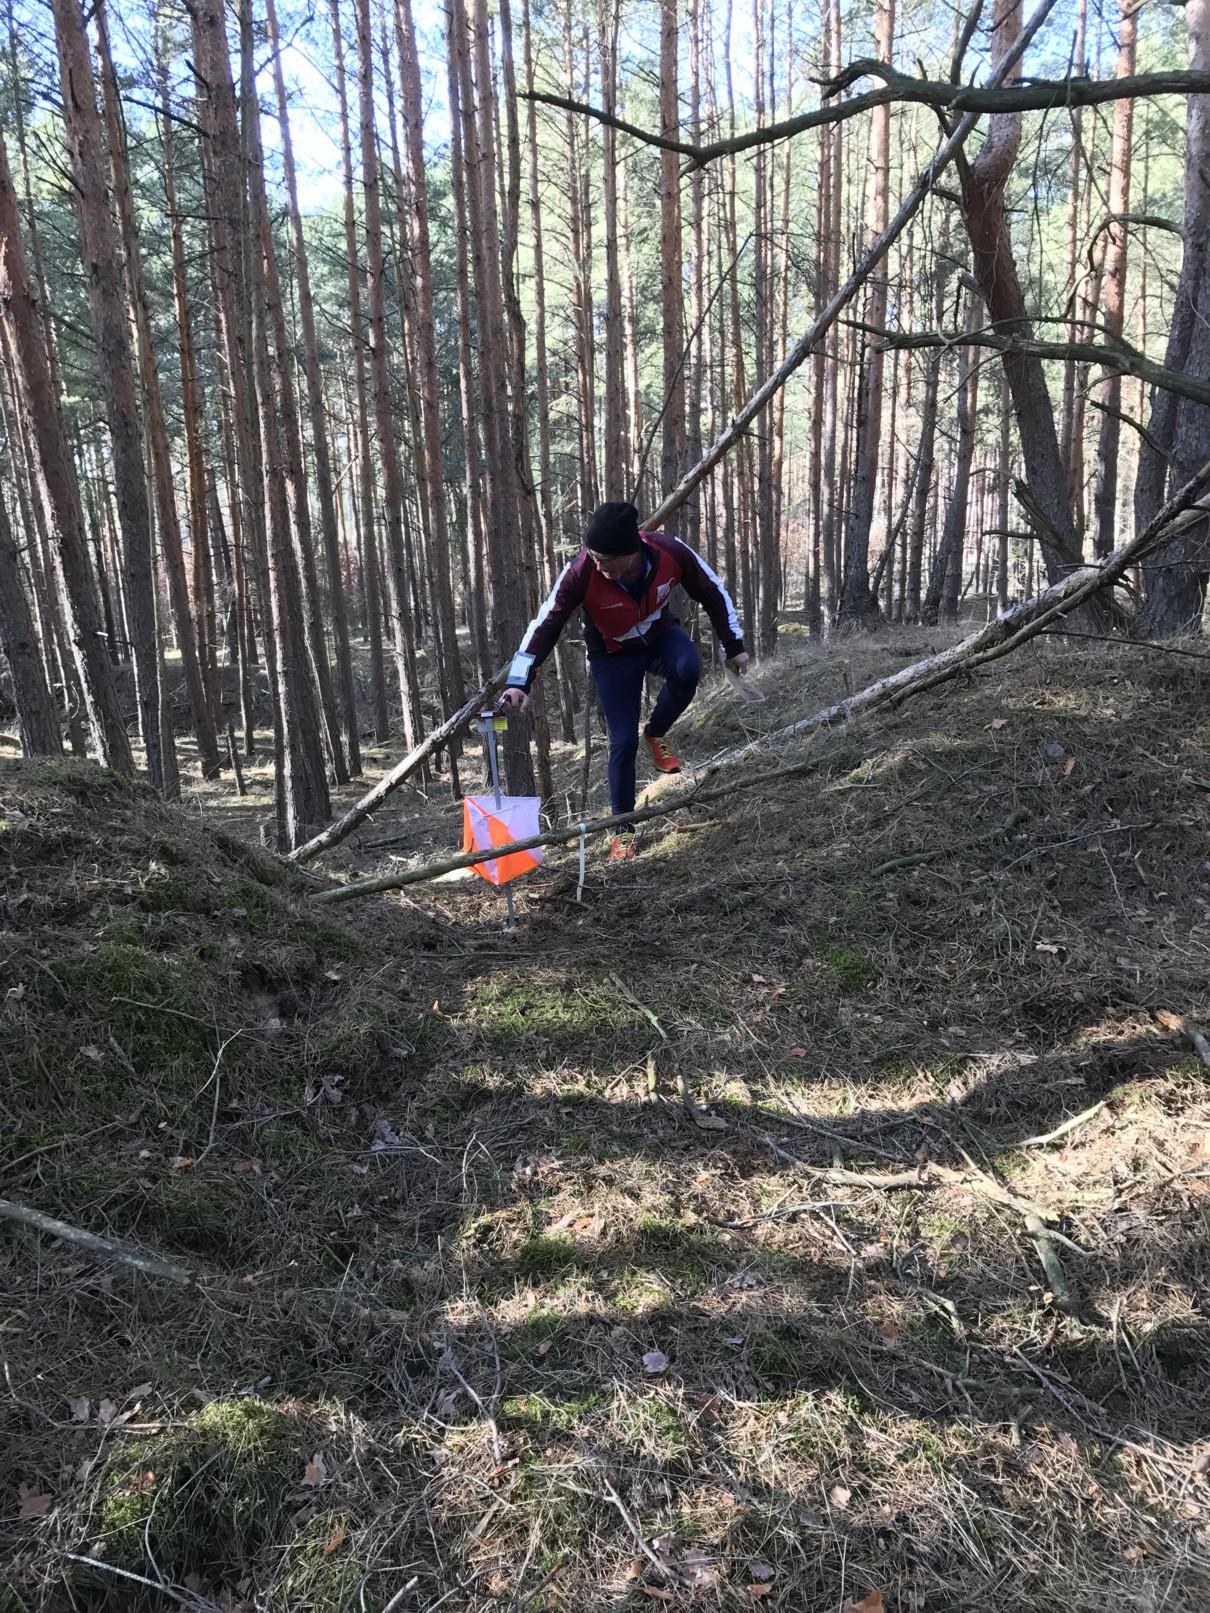 a4-maerkischer-kiefern-ol-saisonauftakt-2019-1.jpg